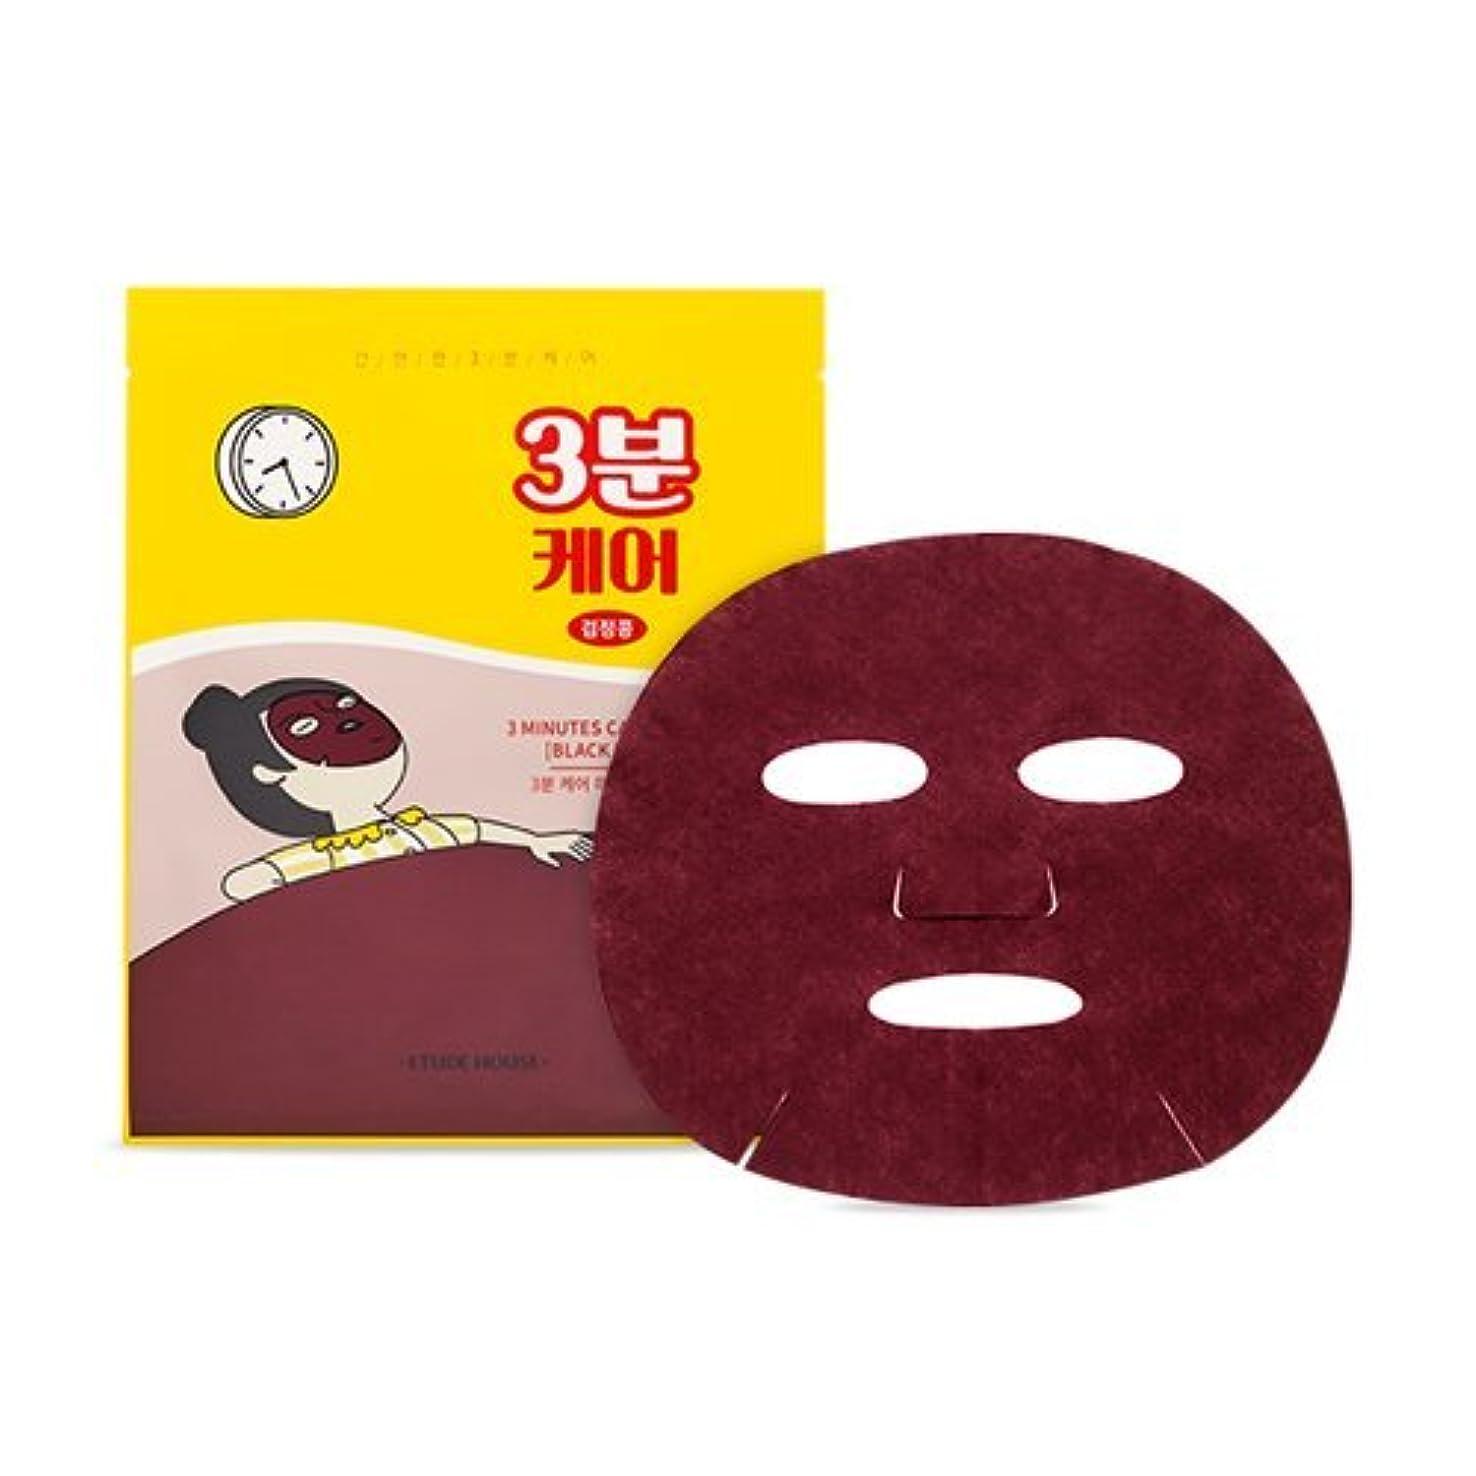 緩める考古学的な叫び声エチュードハウス 3分ケア マスク[ ブラックビーン ] 5枚/ETUDE HOUSE 3 Minutes Care Mask [BLACK BEAN] 23g*5EA